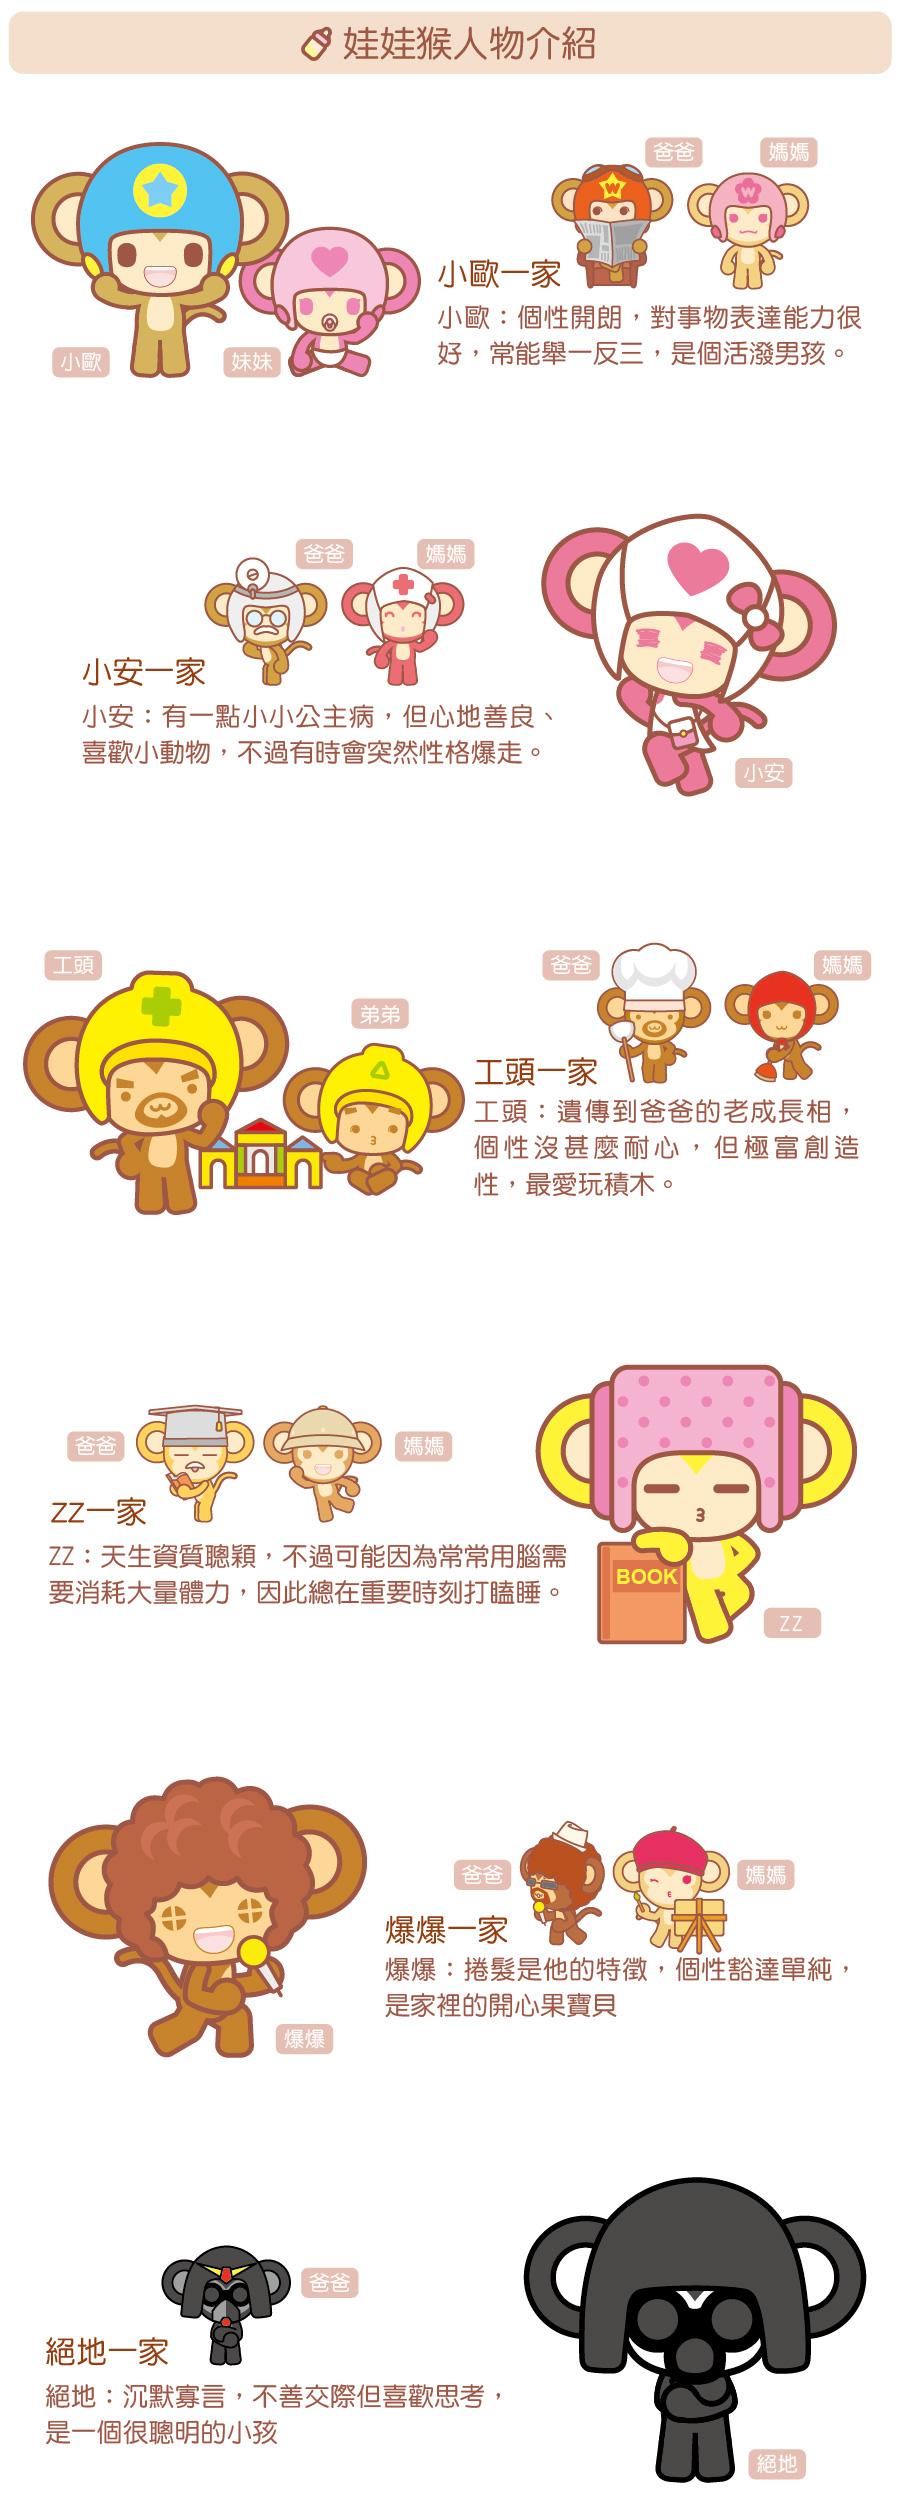 人物介紹-01